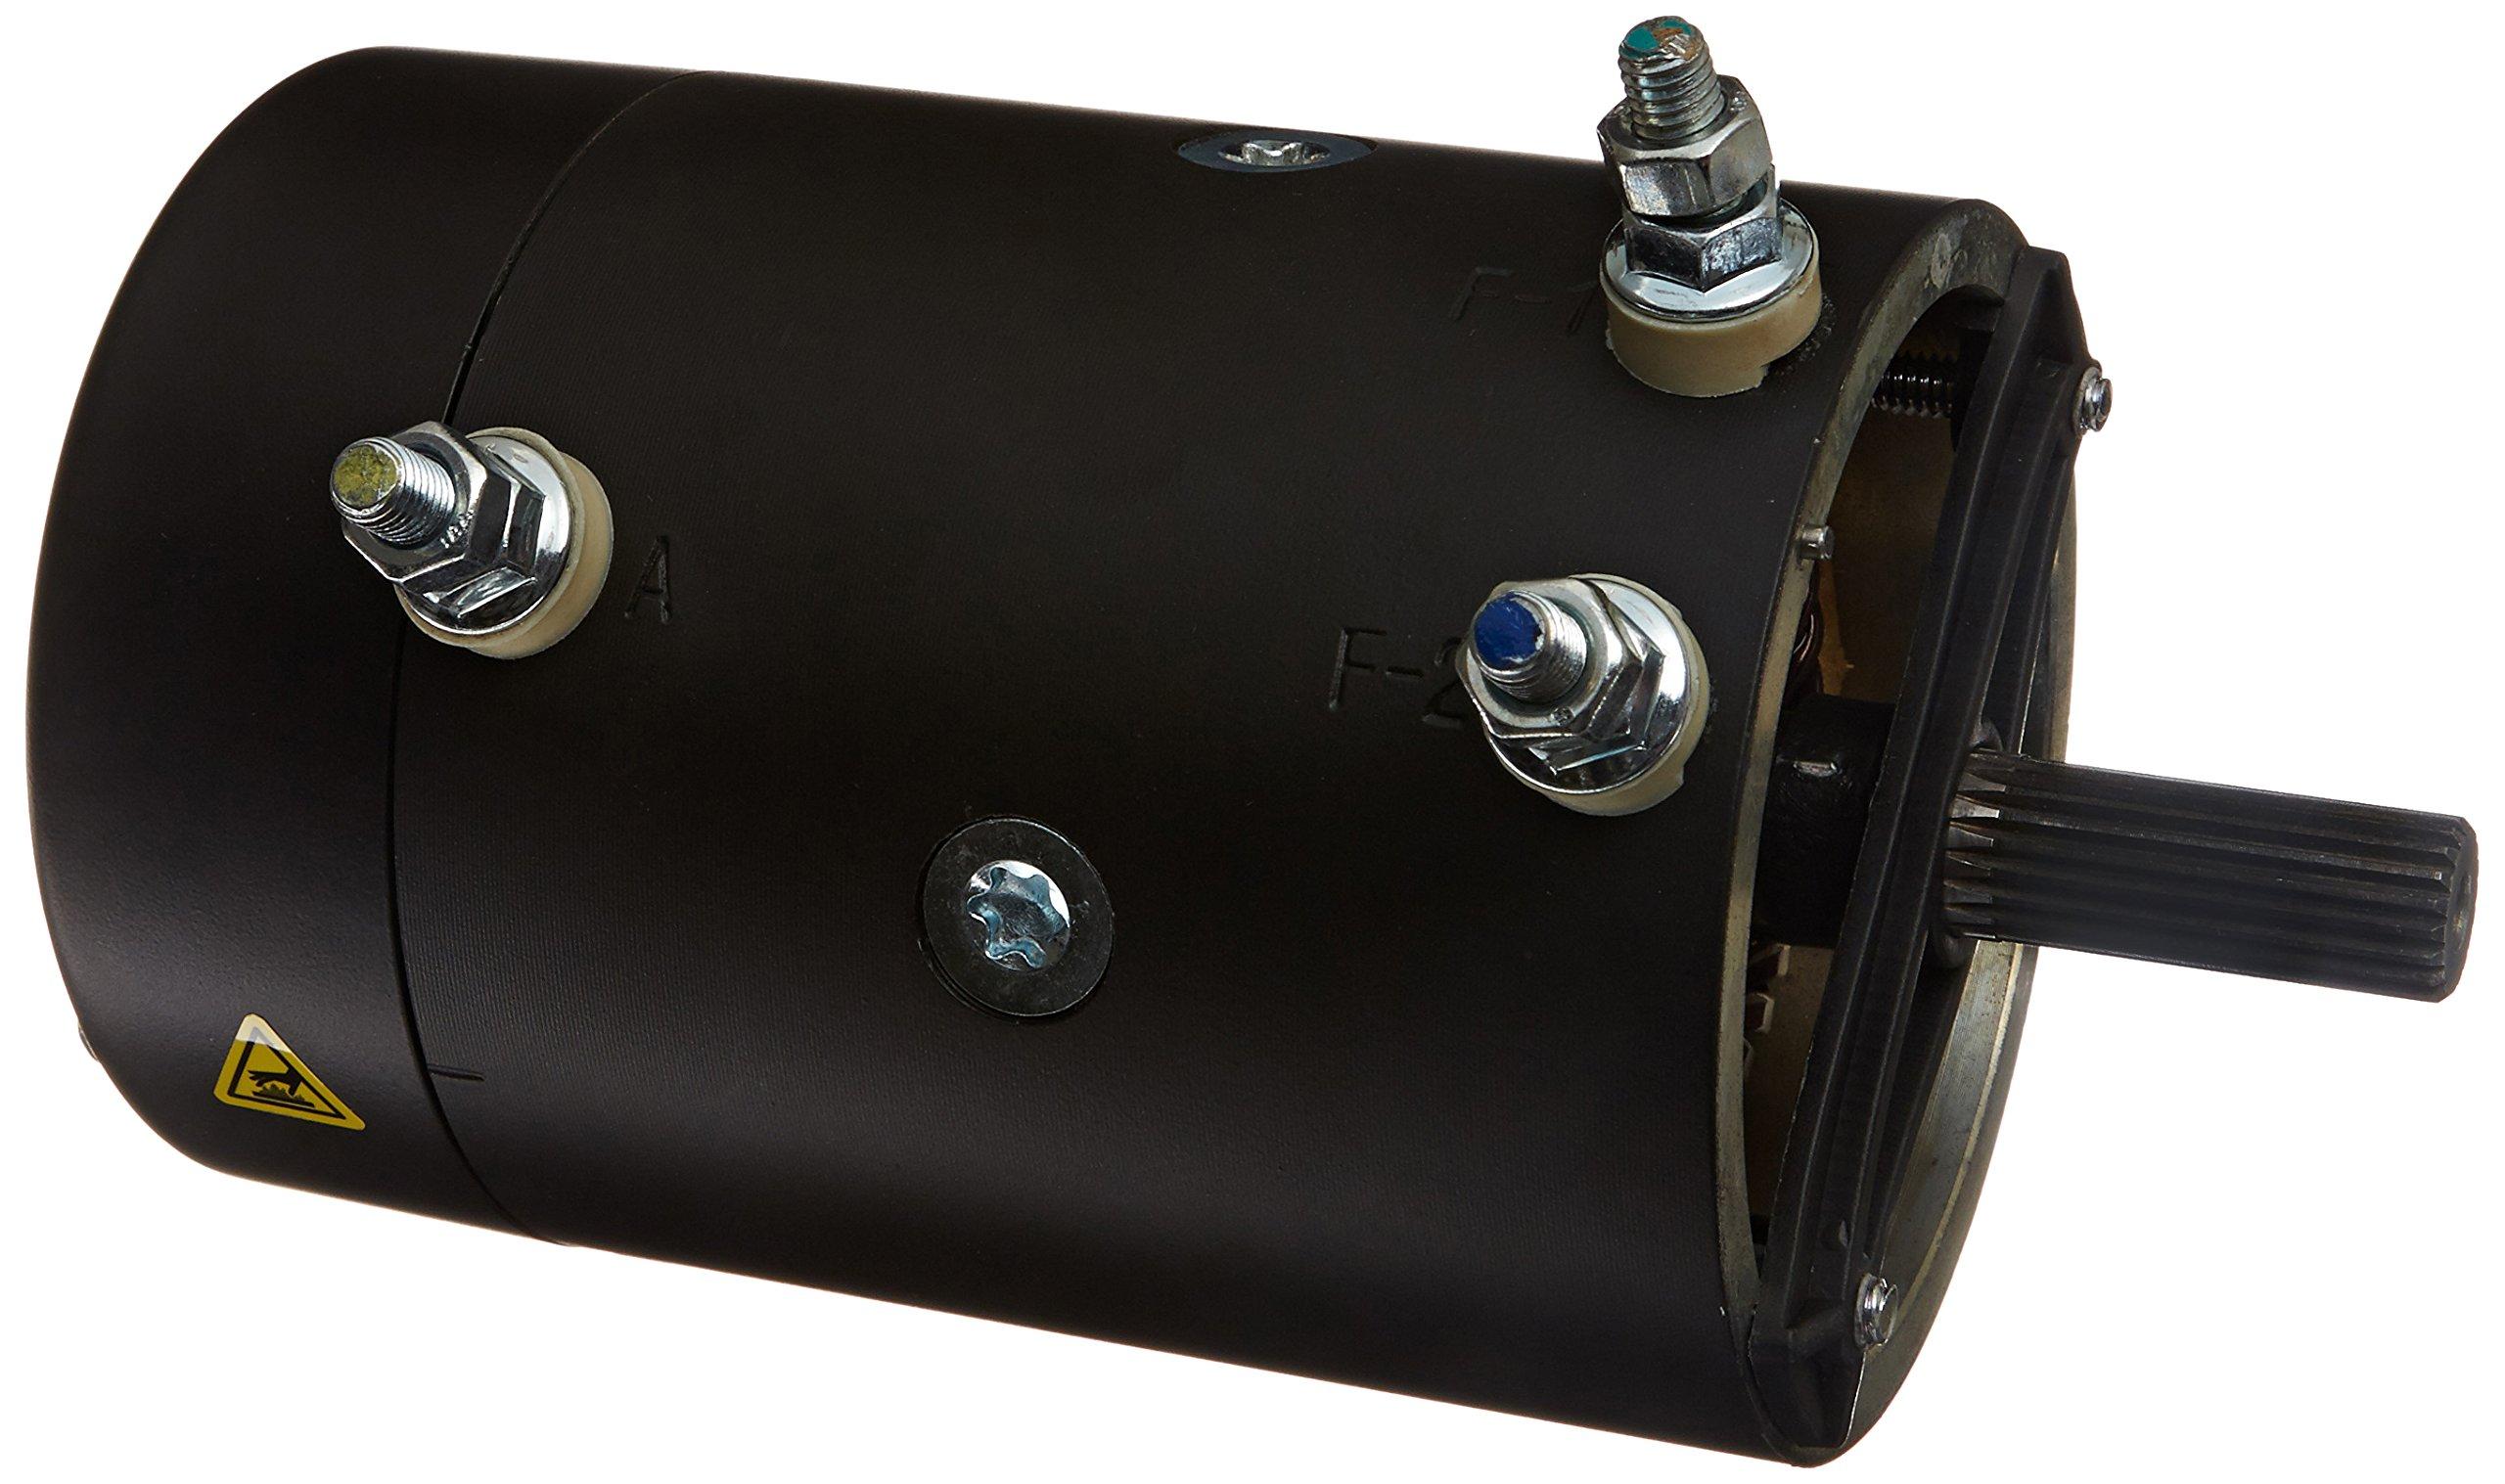 WARN 86537 Motor for VR12000 Winch